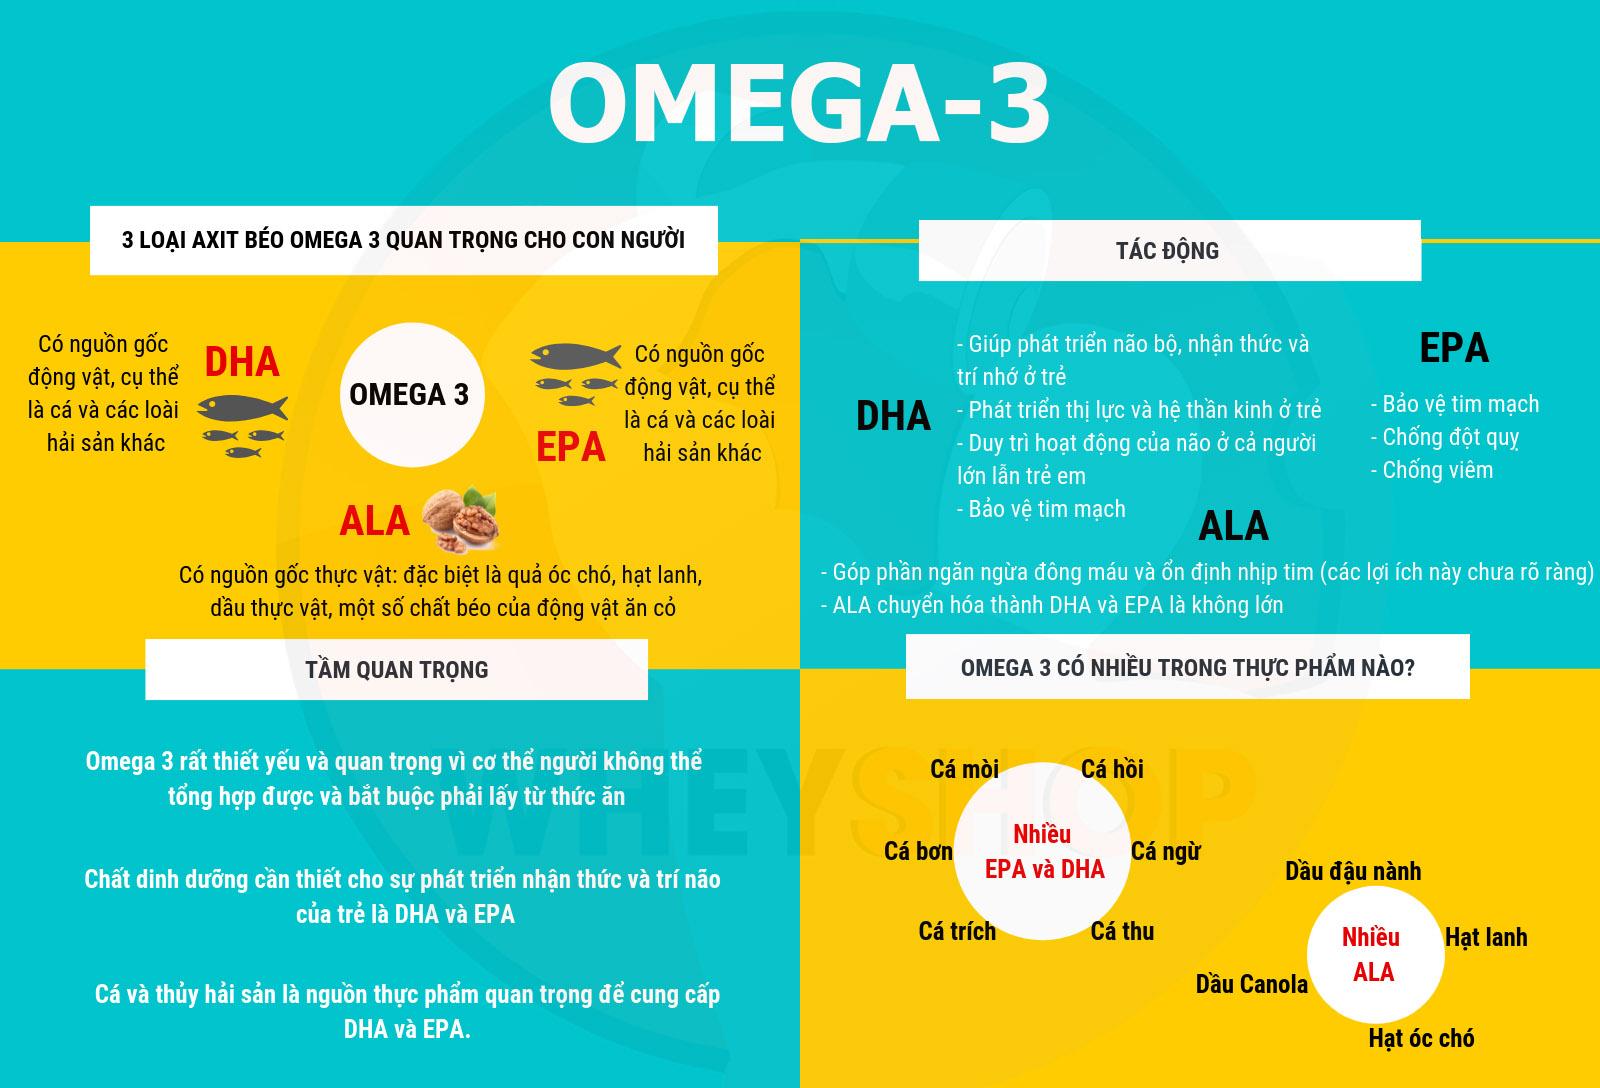 Blackmores Omega-3 Daily Concentrated Fish Oil là sản phẩm thực phẩm bổ sung cung cấp nguồn acid béo Omega-3 tốt cho sức khỏe hỗ trợ tăng cường sức khỏe não bộ, tim mạch